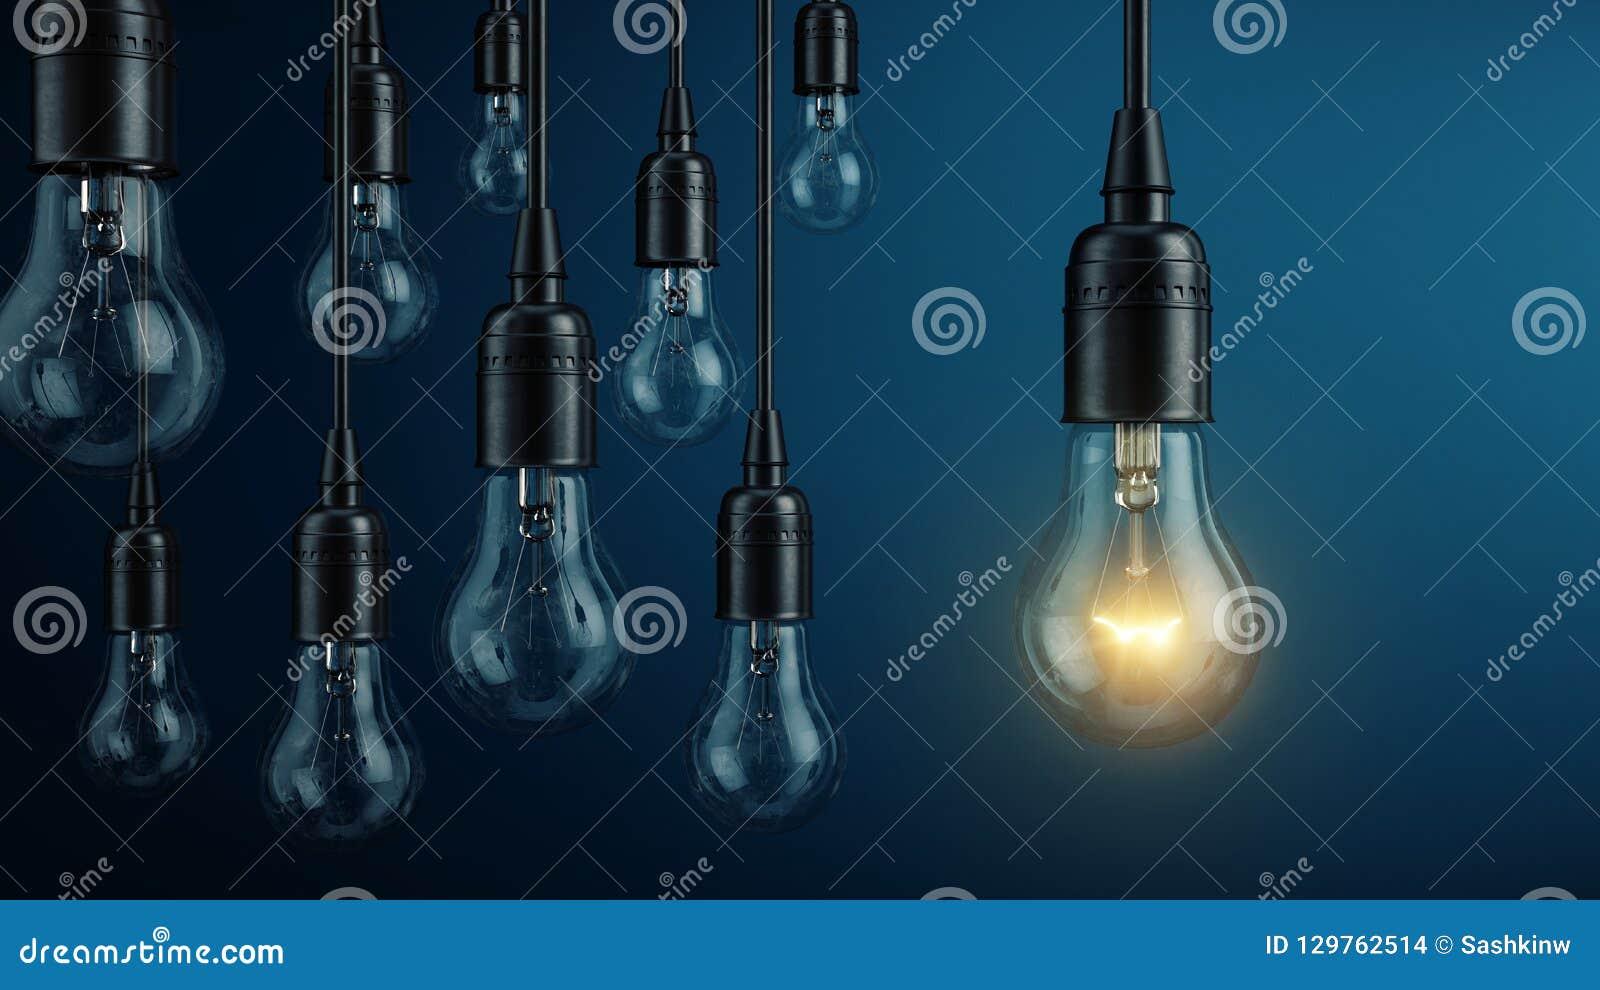 Μοναδικός, ηγεσία, νέα έννοια ιδέας - μια πυράκτωση λαμπτήρων λαμπών φωτός διαφορετική και διαχωρισμός από άλλους λαμπτήρες λαμπώ